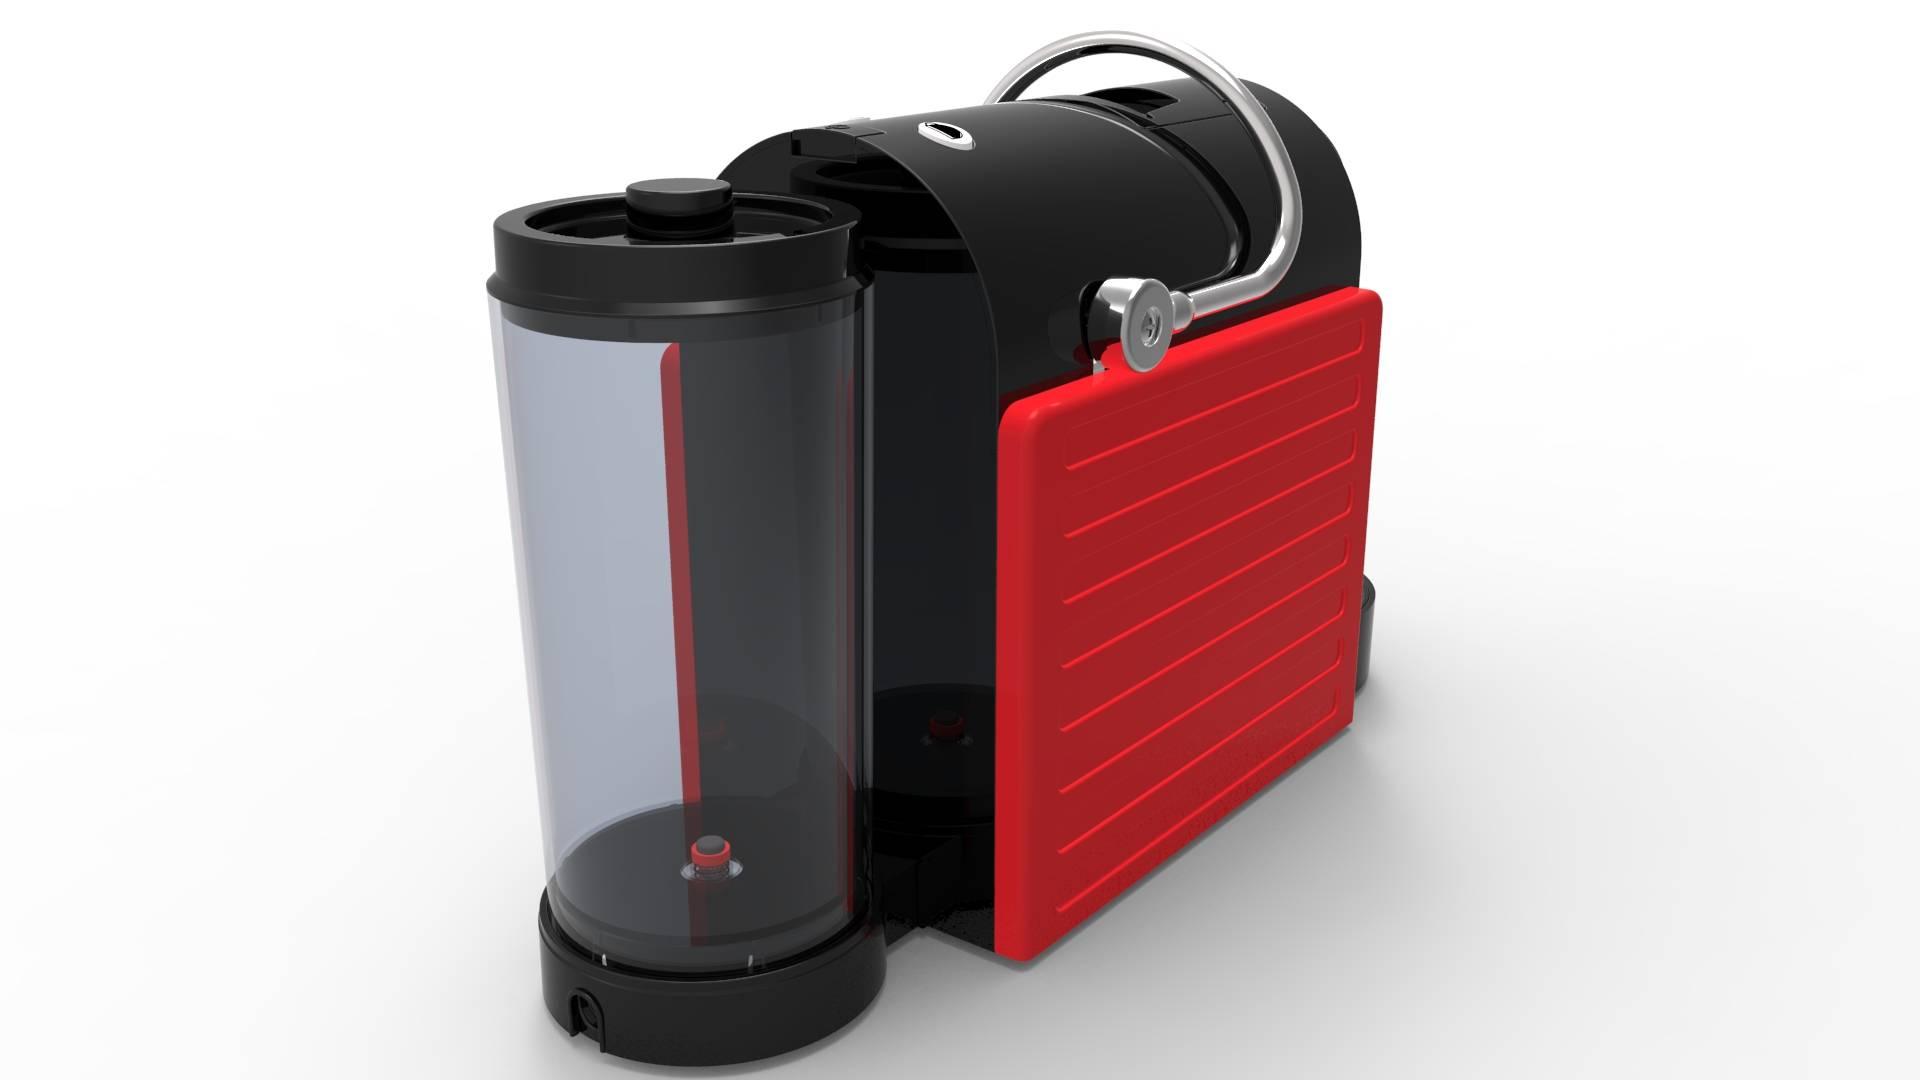 2015 Best Capsule Coffee Makers